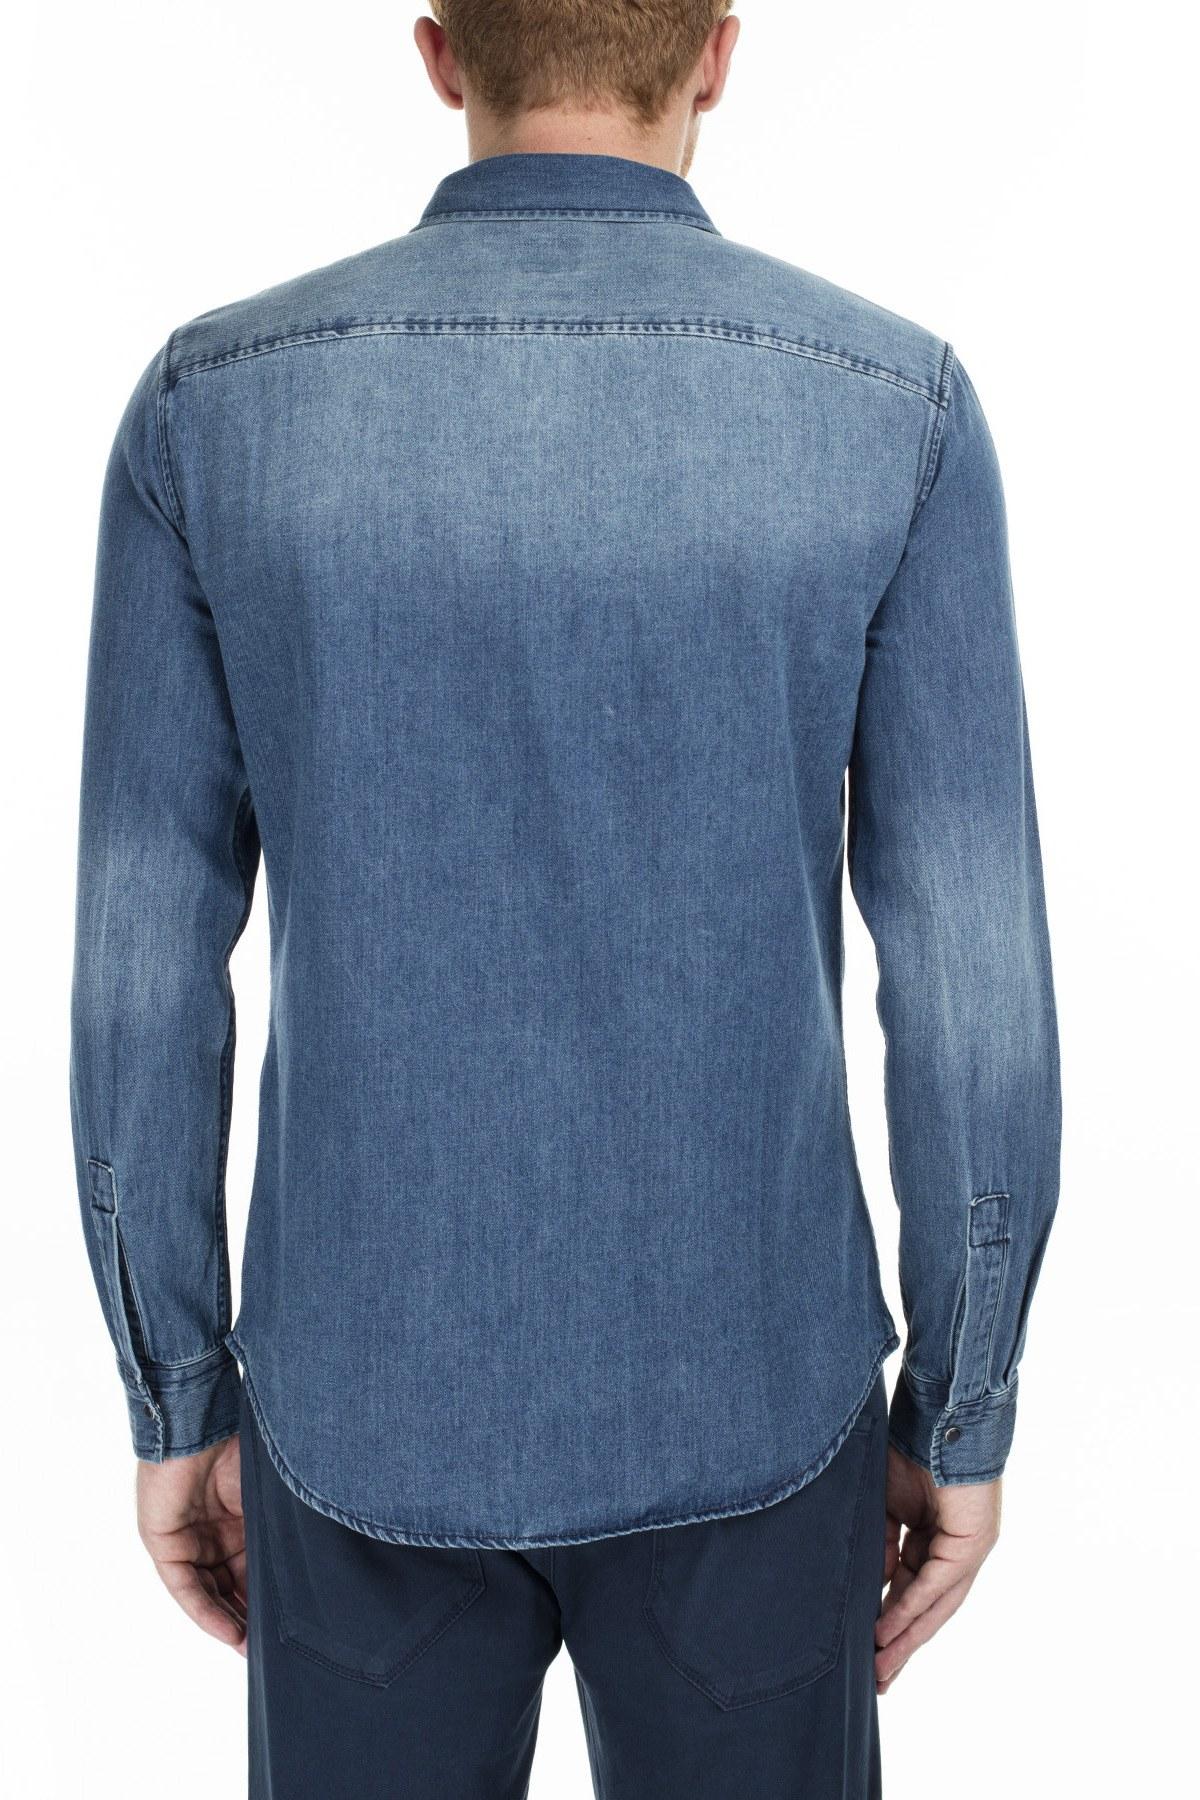 Armani Exchange Erkek Gömlek 6GZC20 Z1K1Z 1500 LACİVERT